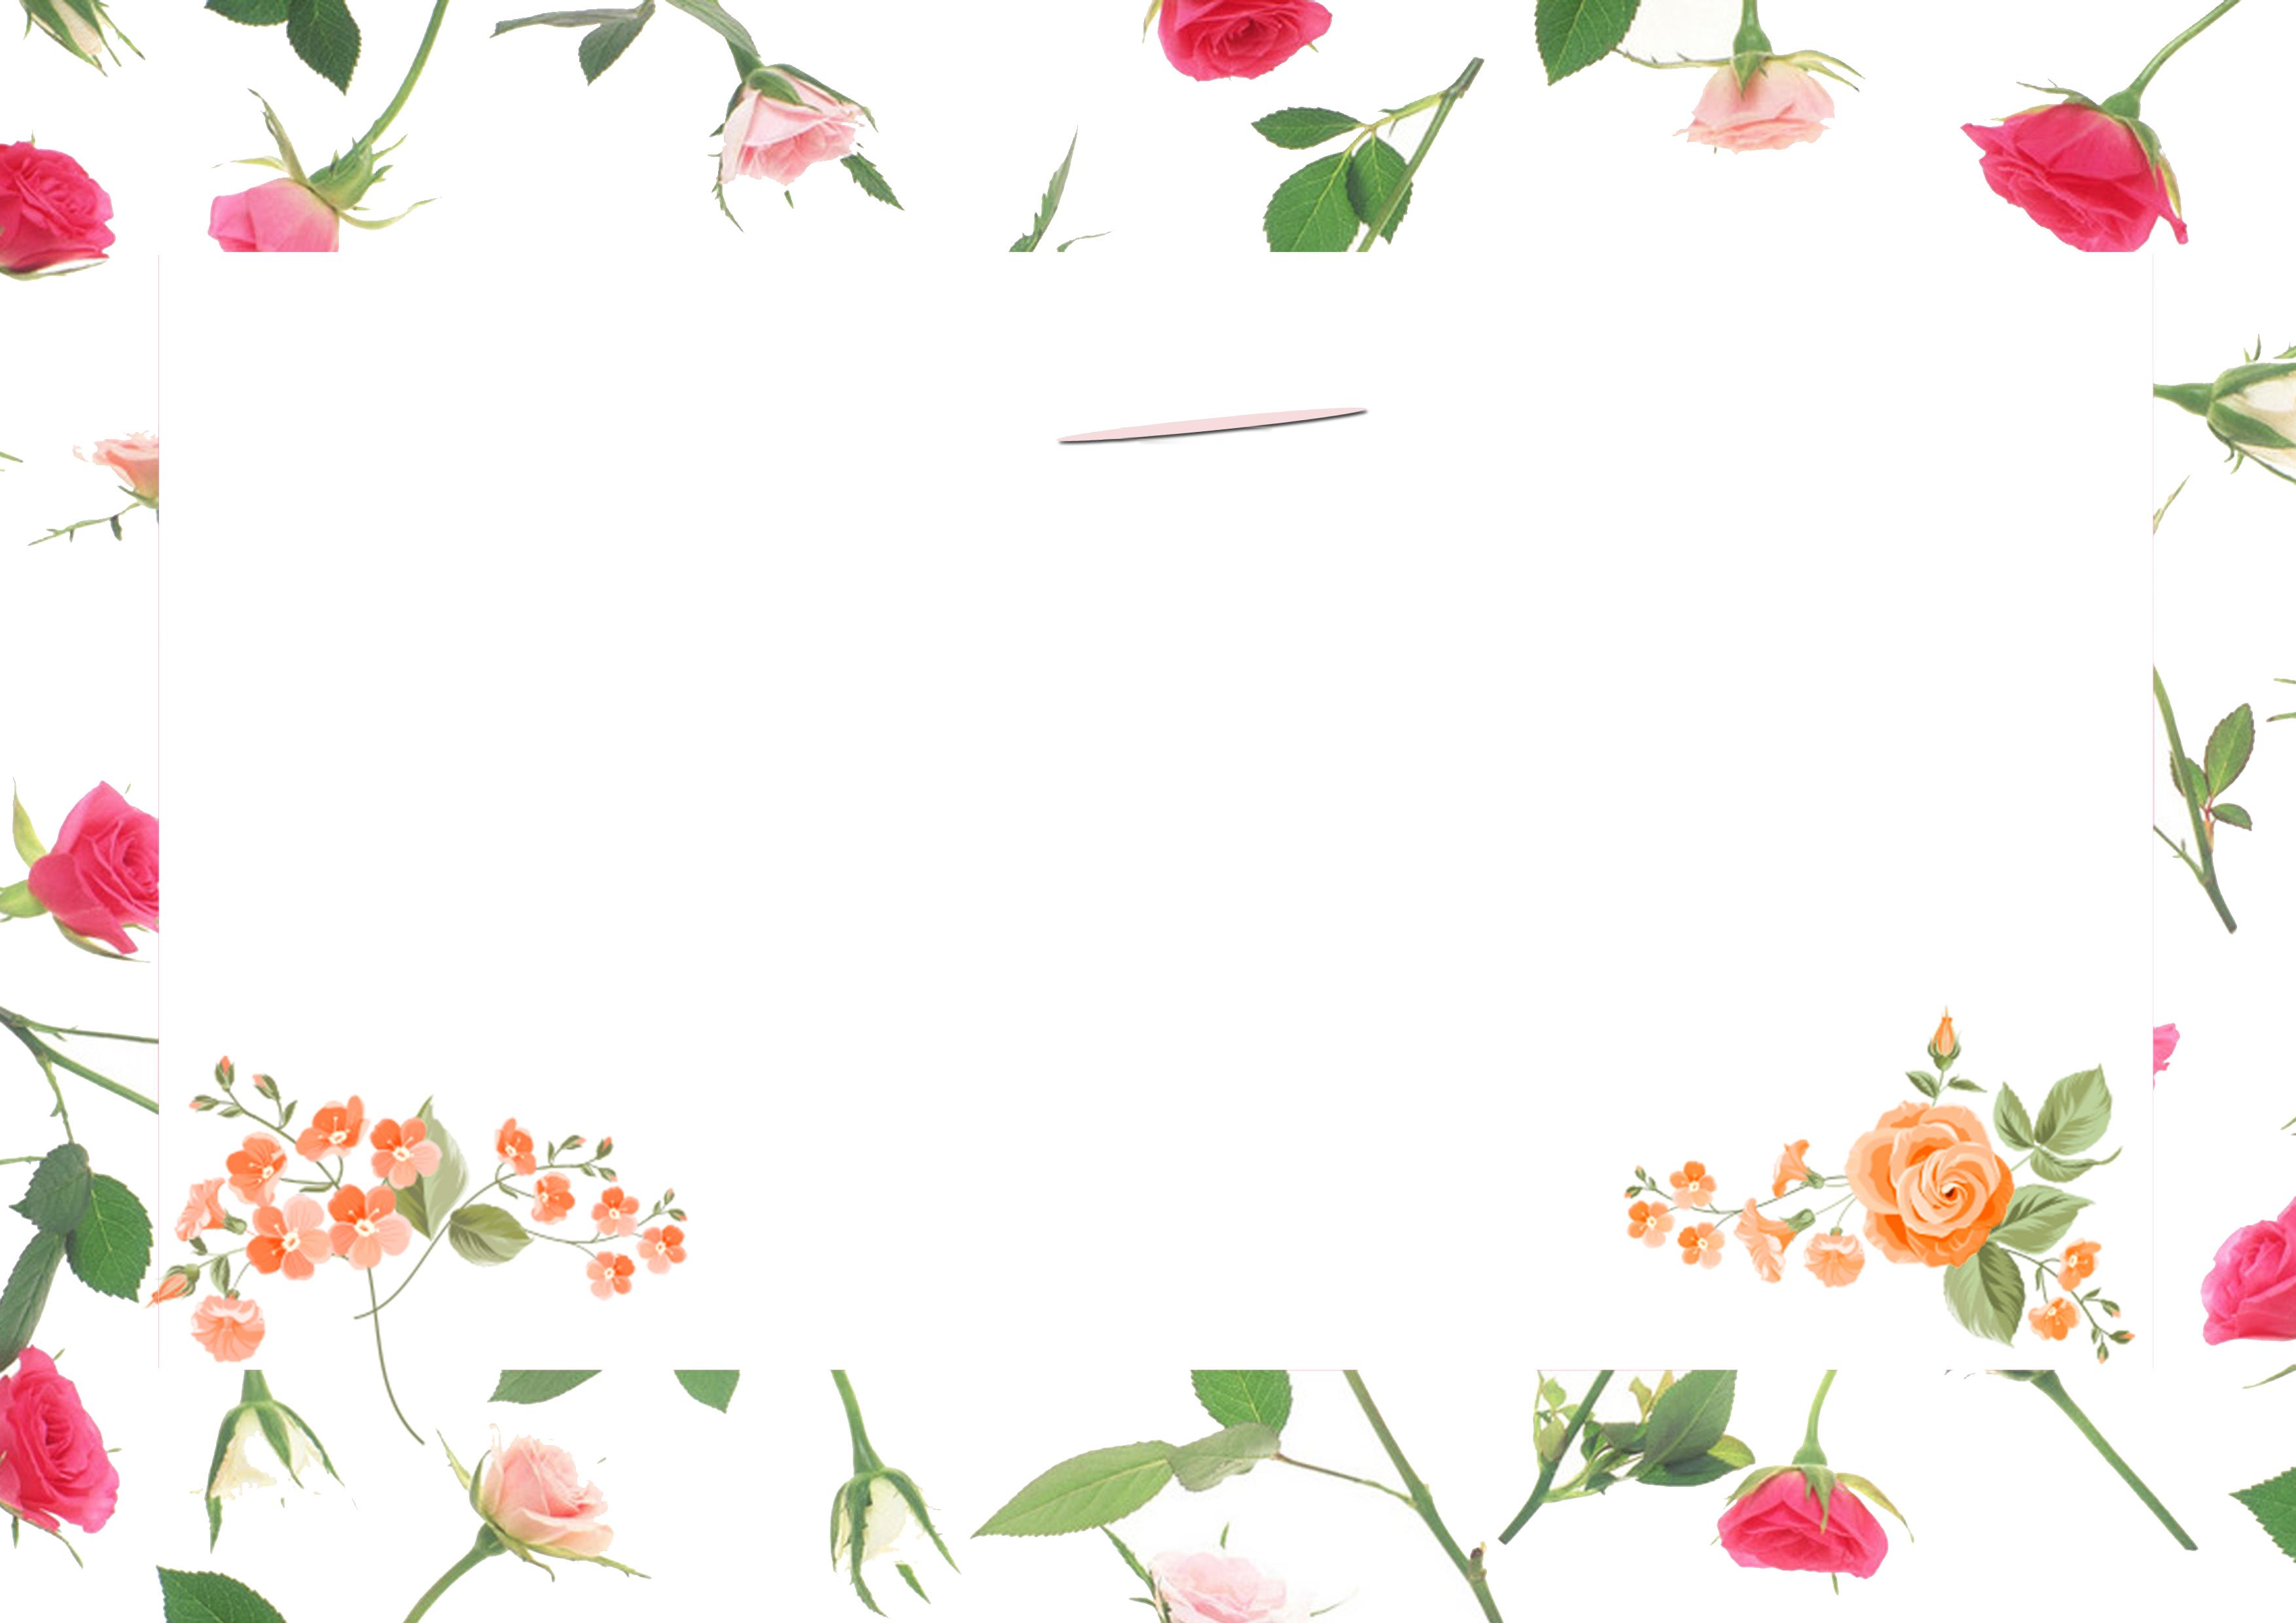 กรอบดอกไม้ภาพดอกไม้พื้นหลัง ใบ การตกแต่ง การเป็นตัวแทน ภาพ